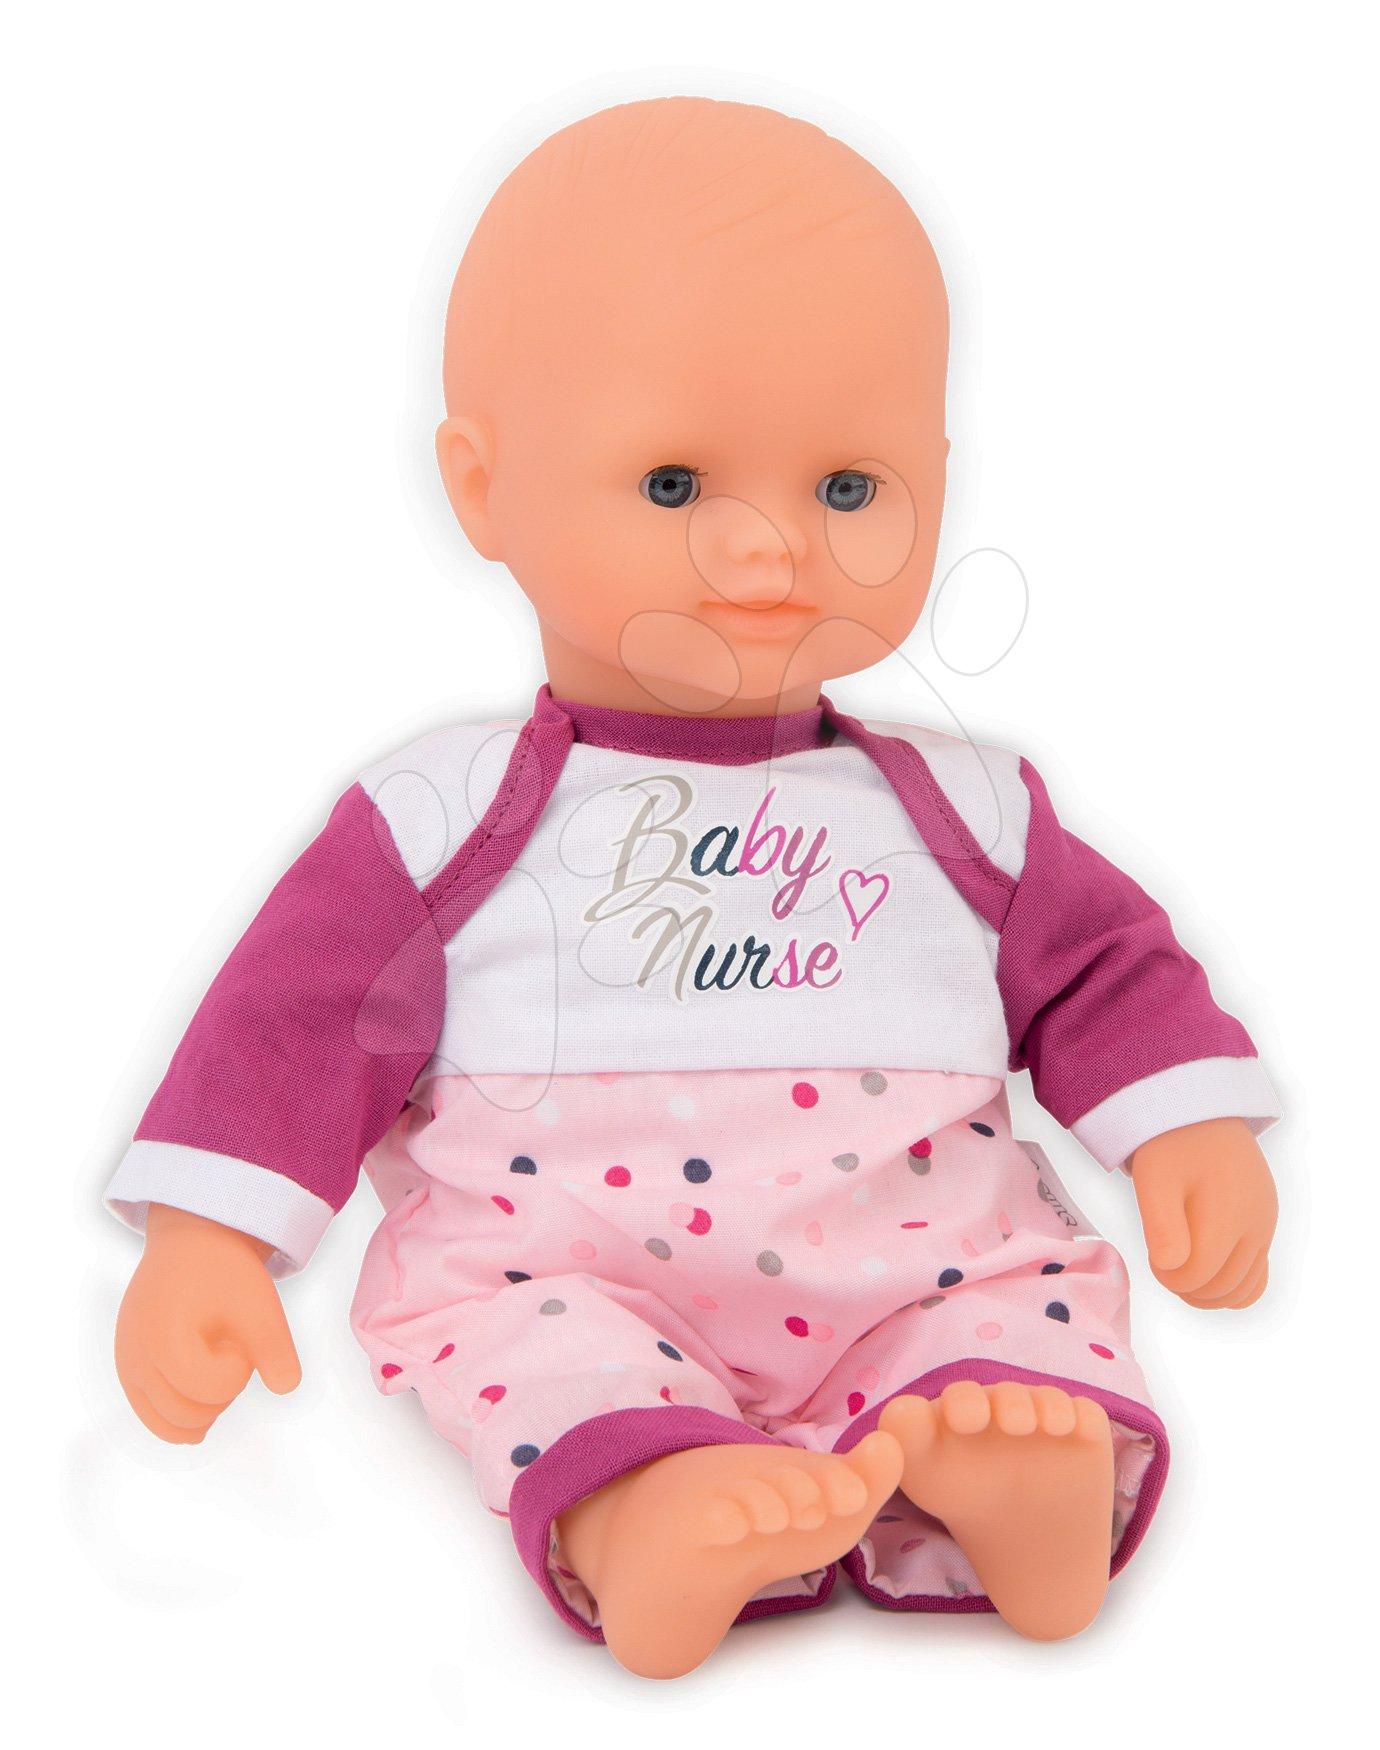 Panenka Violette Baby Nurse Smoby 32 cm měkká textilní od 24 měsíců